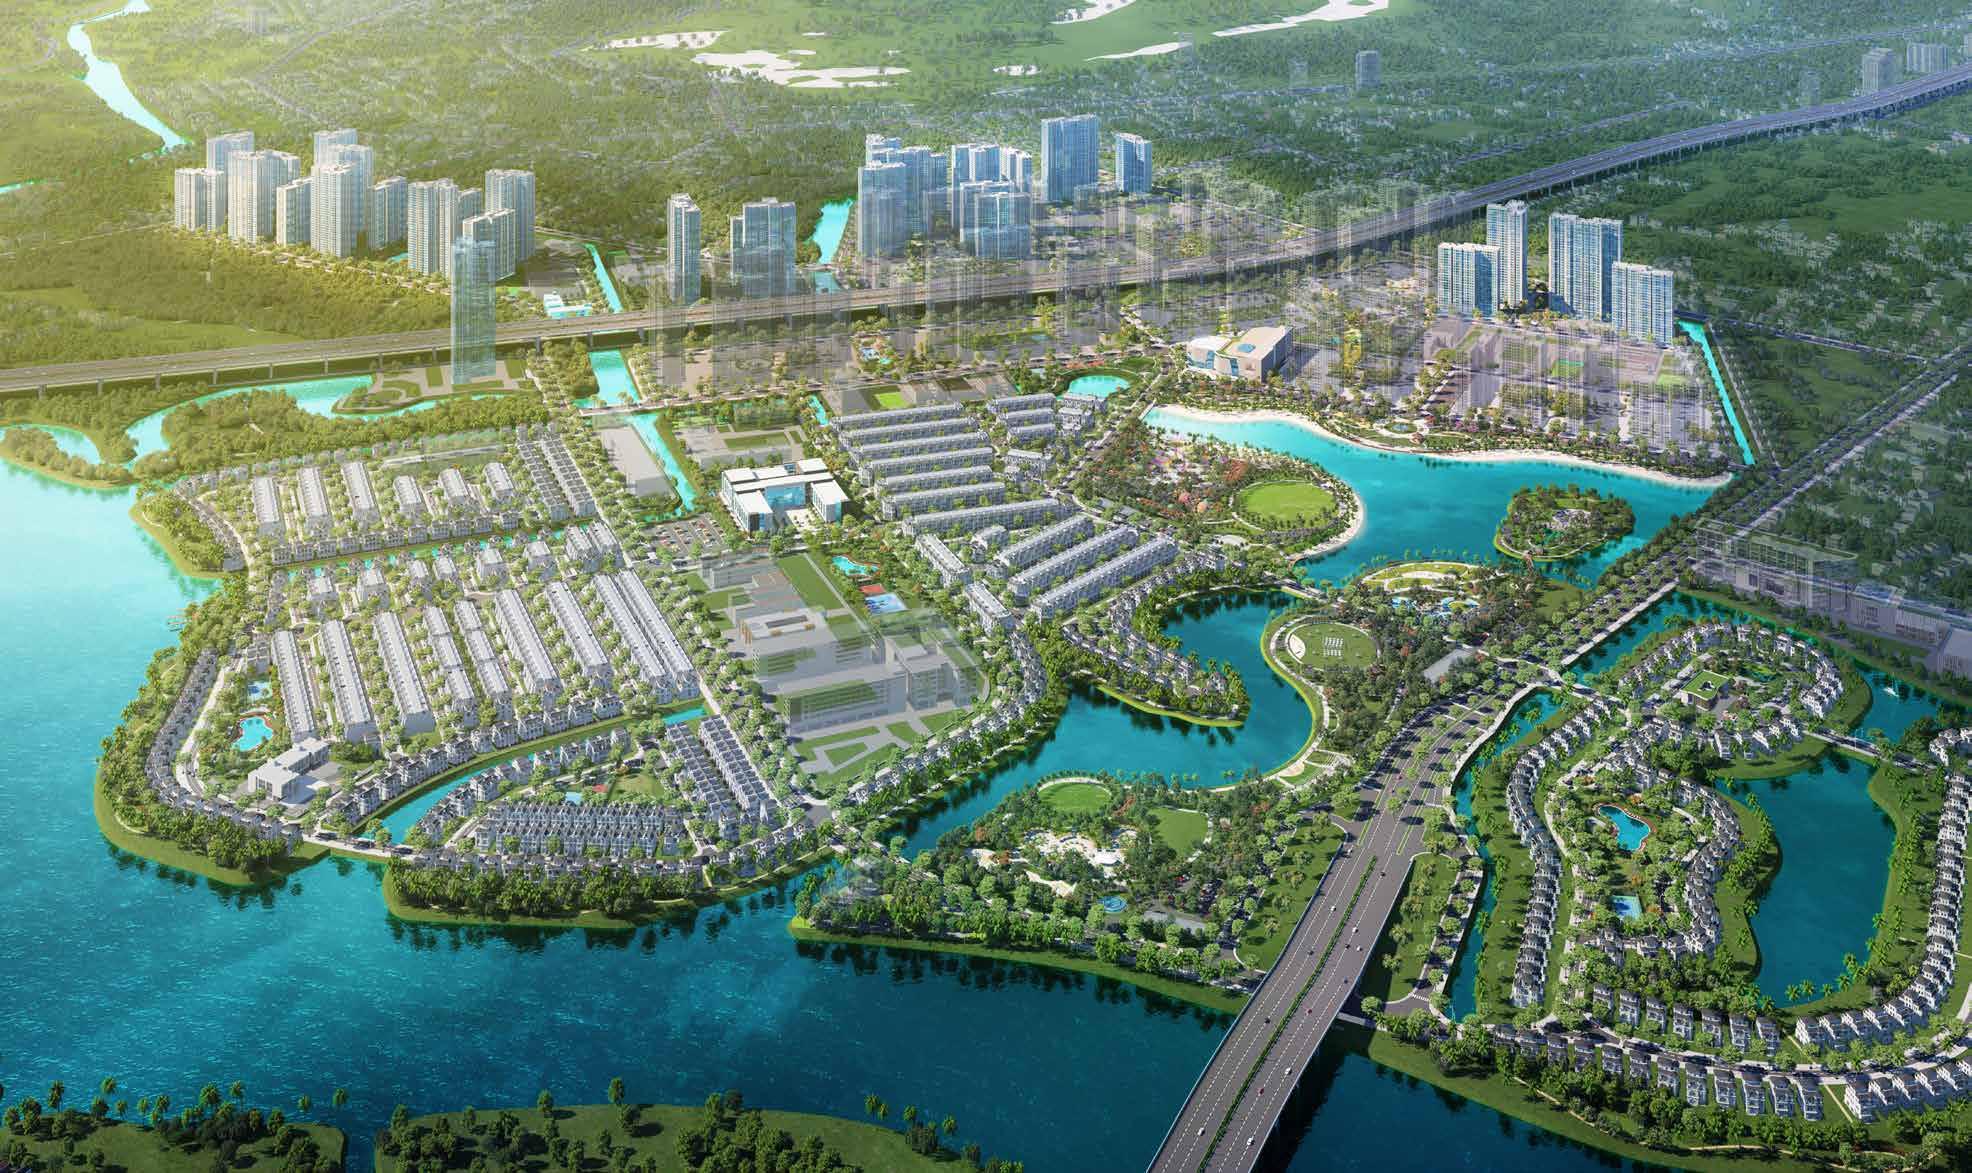 Vinhomes Grand Park Tong Quan